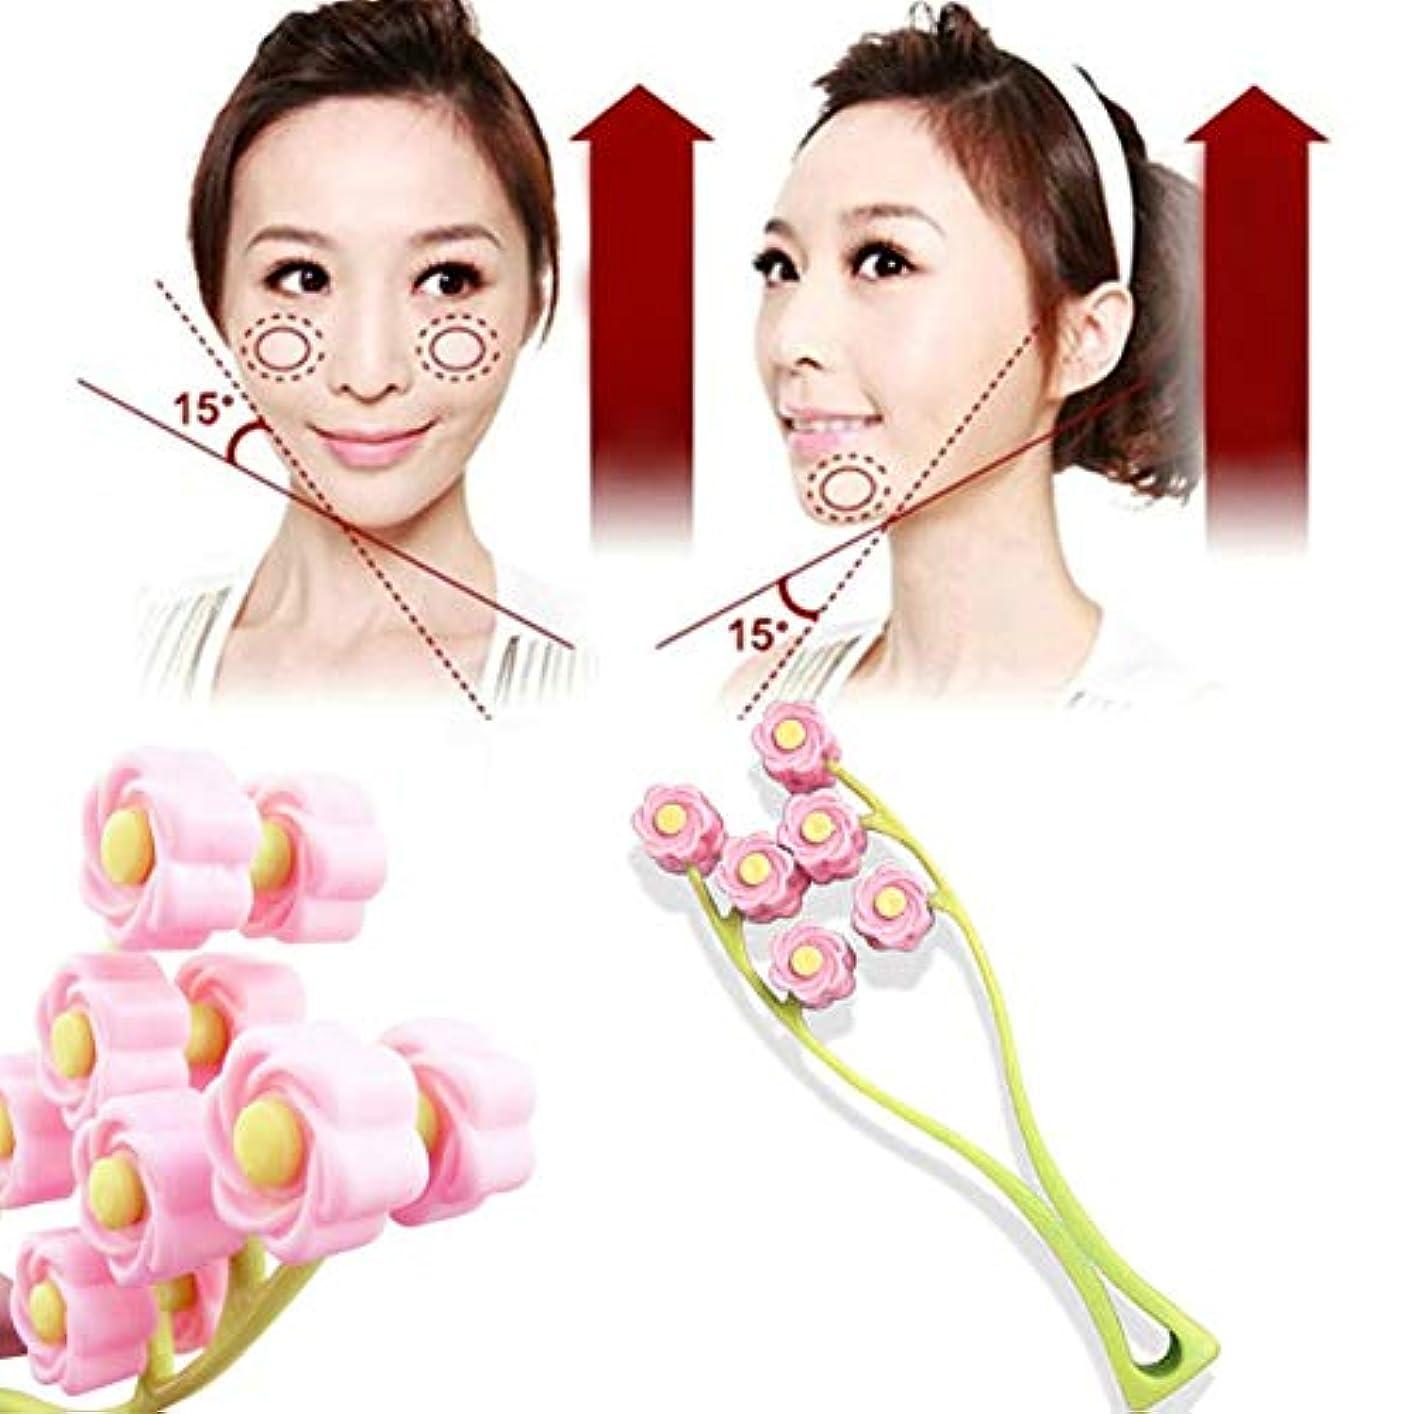 アリーナハードウェア時々Elegant Flower Shape Portable Facial Massager Roller Anti-Wrinkle Face Lifter Slimming Face Shaper Relaxation...